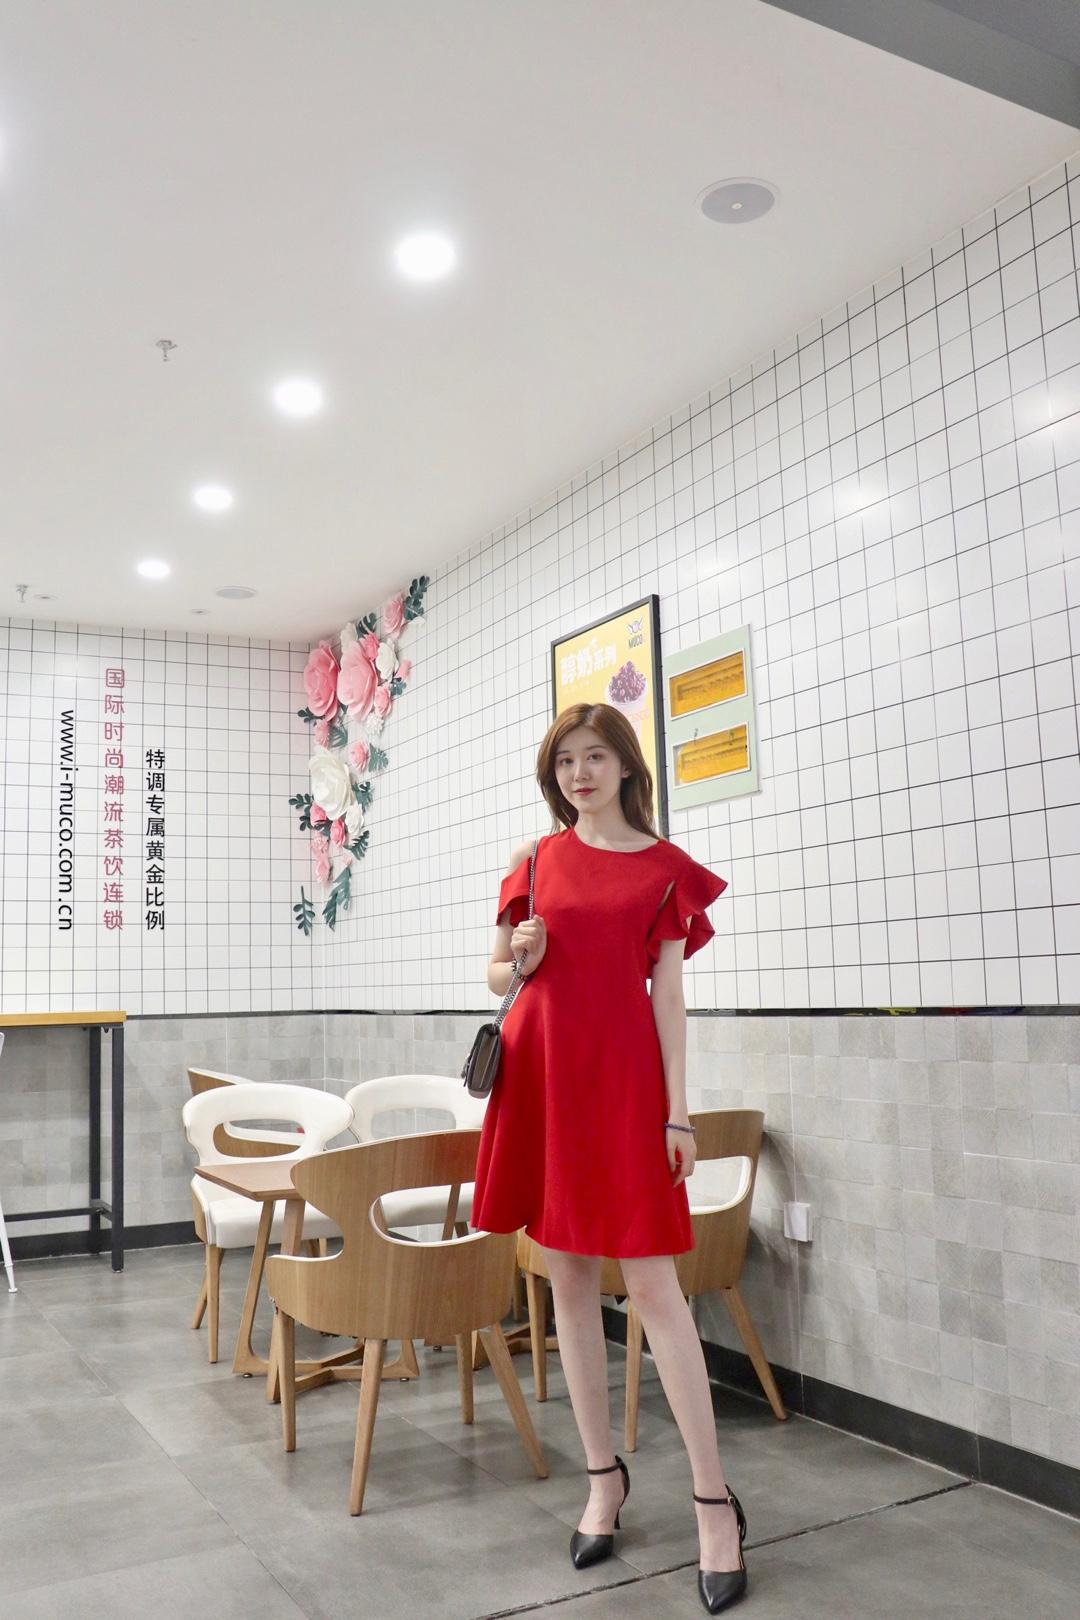 #暑假,从这条显瘦小裙纸开始!# 非常显气质的红色小裙子,红色裙子非常显白,垂感很强,很显腰瘦! 肩部不对称设计,即使上班穿也不会单调,可以说是低调又显气质的连衣裙!